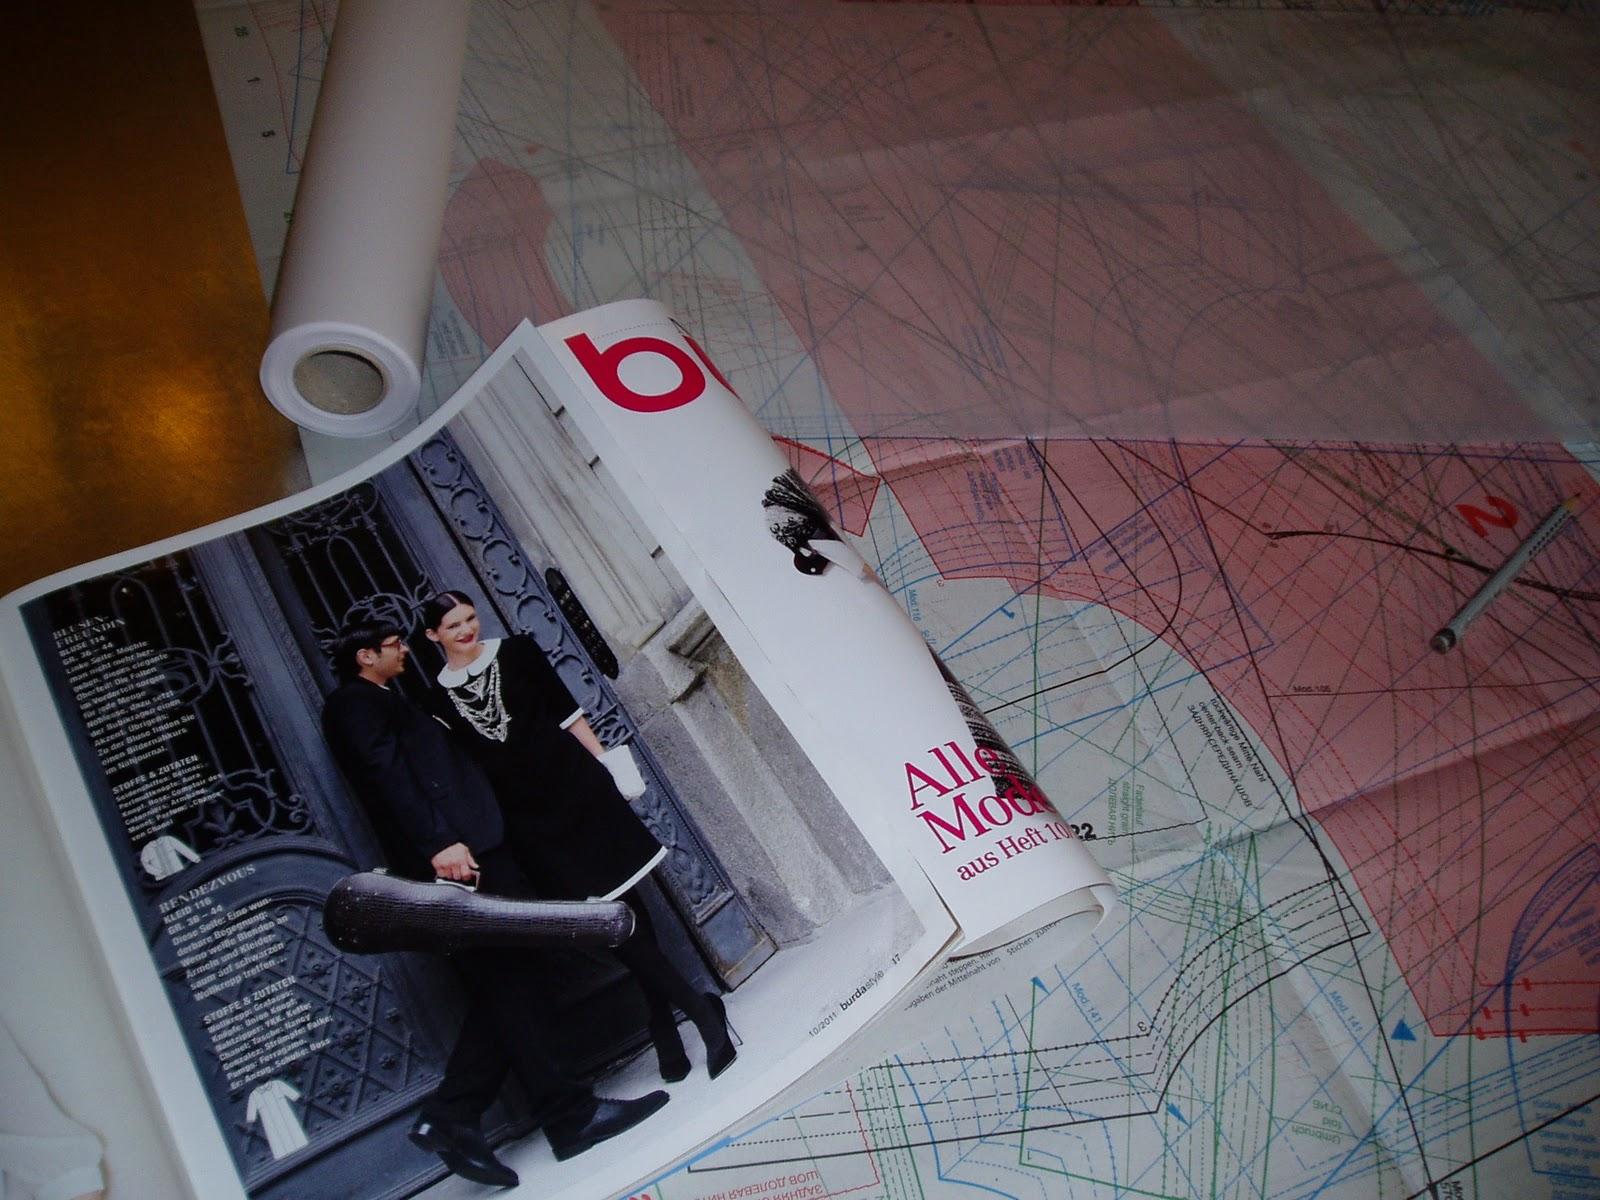 floh stiche wksa 2011 hier bloggen jetzt zwei. Black Bedroom Furniture Sets. Home Design Ideas